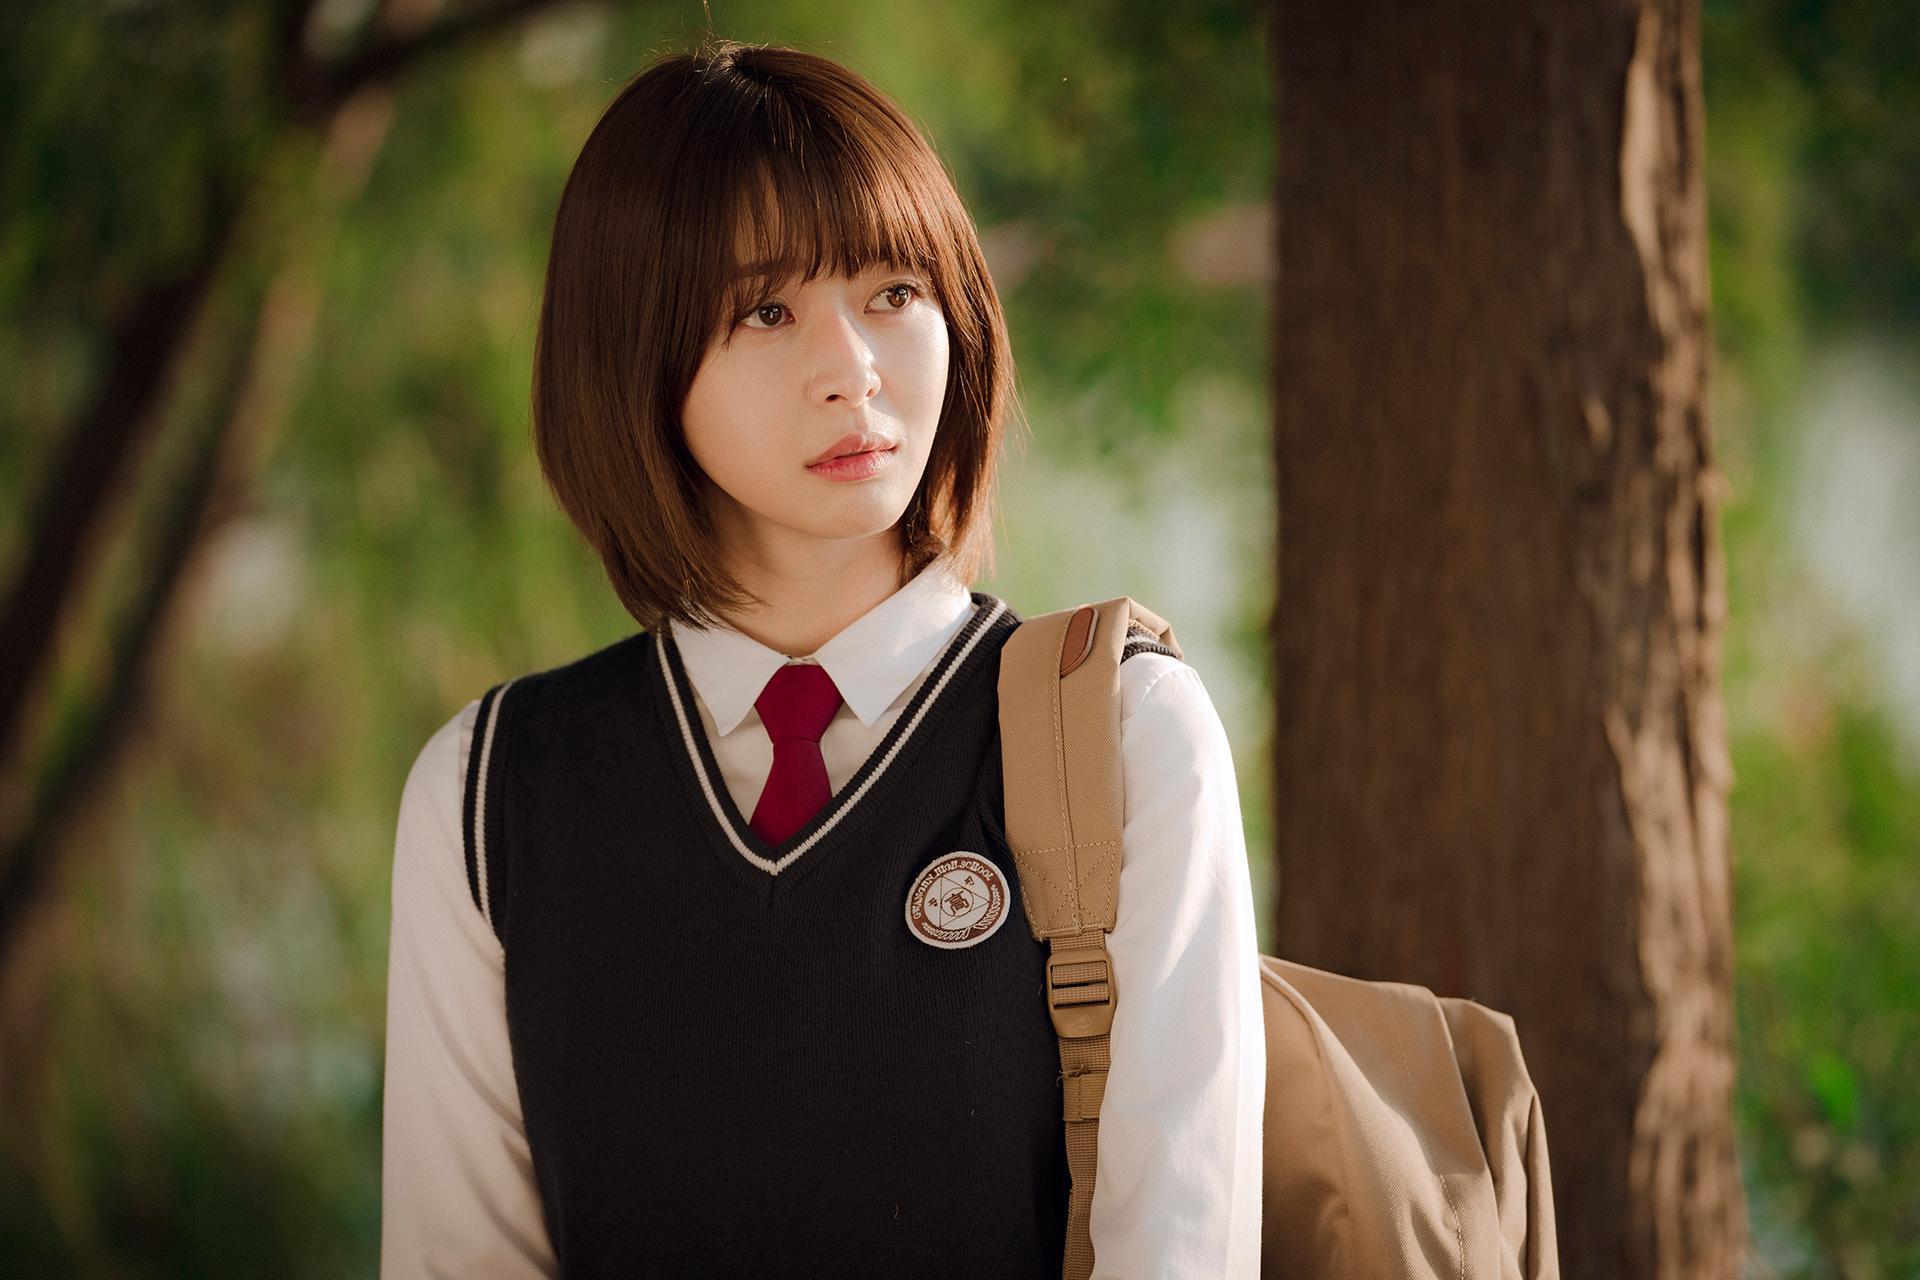 Hè nóng ná thở, muốn xén tóc cho nhẹ đầu thì chị em hãy tham khảo 3 kiểu tóc ngắn được 'sủng' nhất trong phim Hàn 7